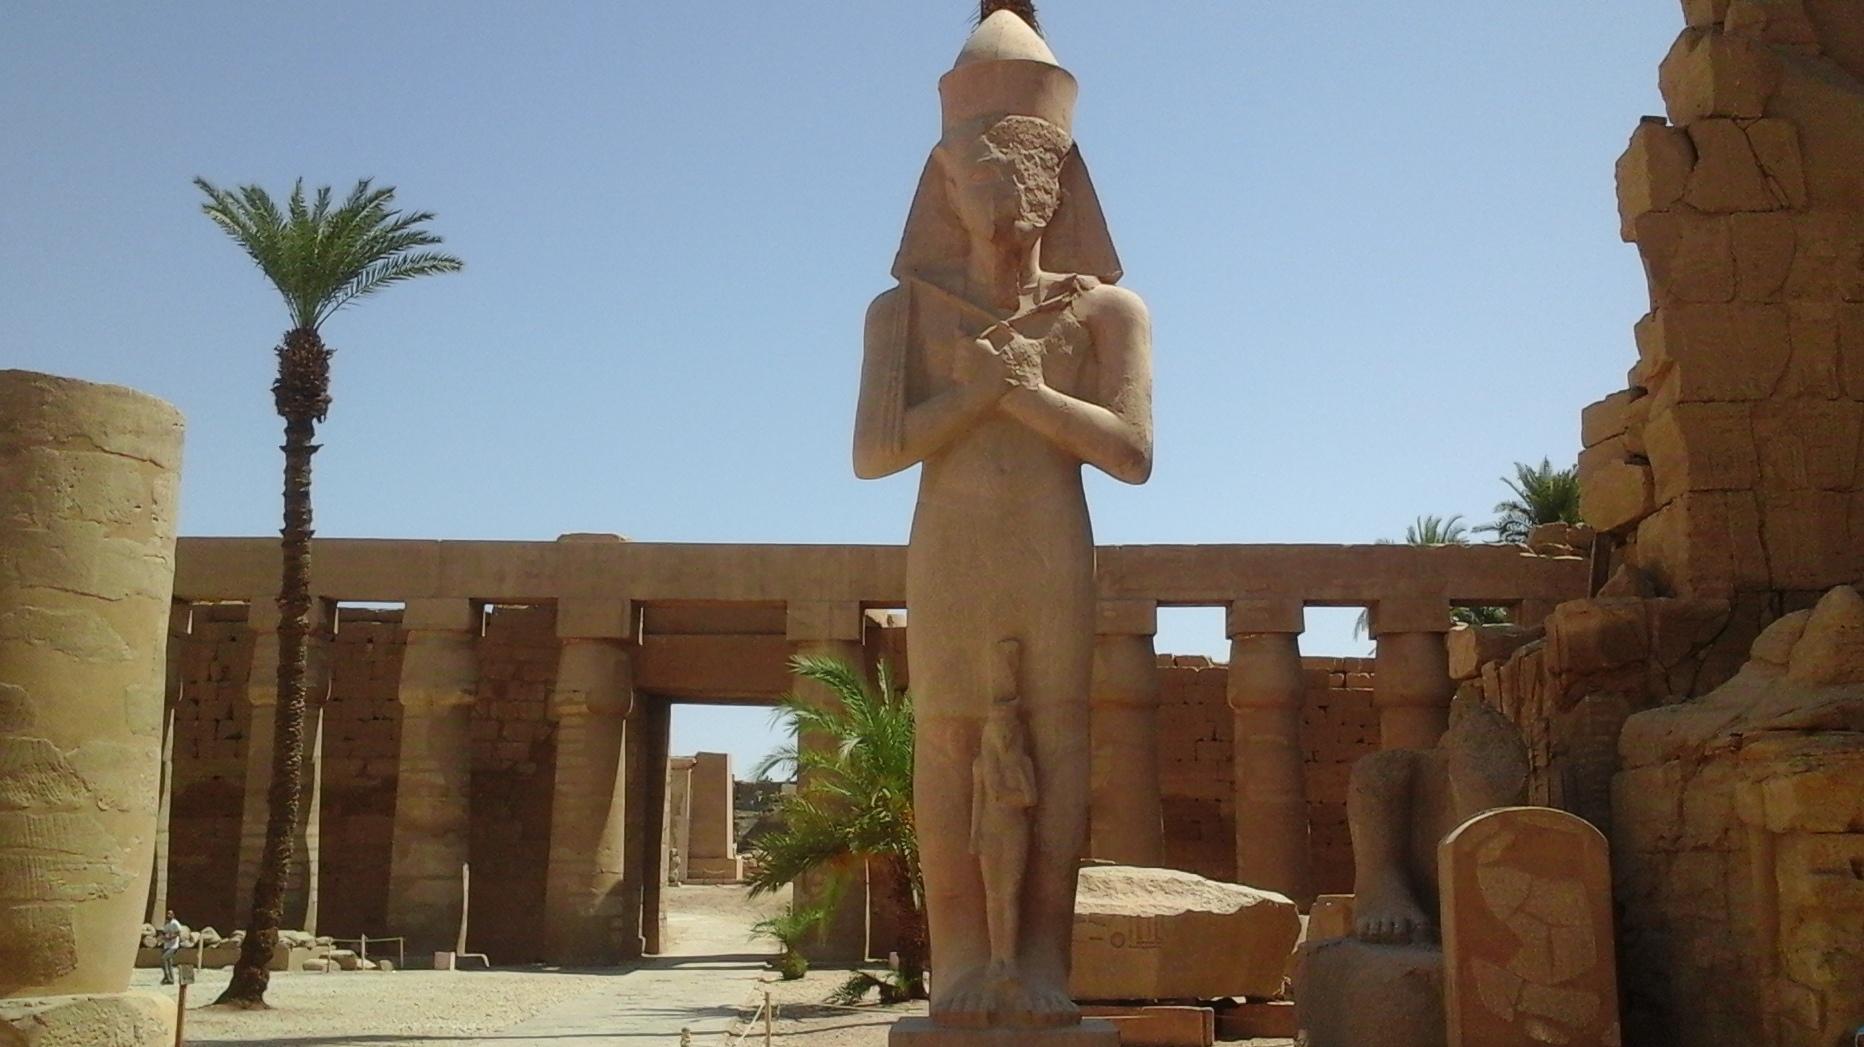 Statues of Ramses II in the temple of Karnak